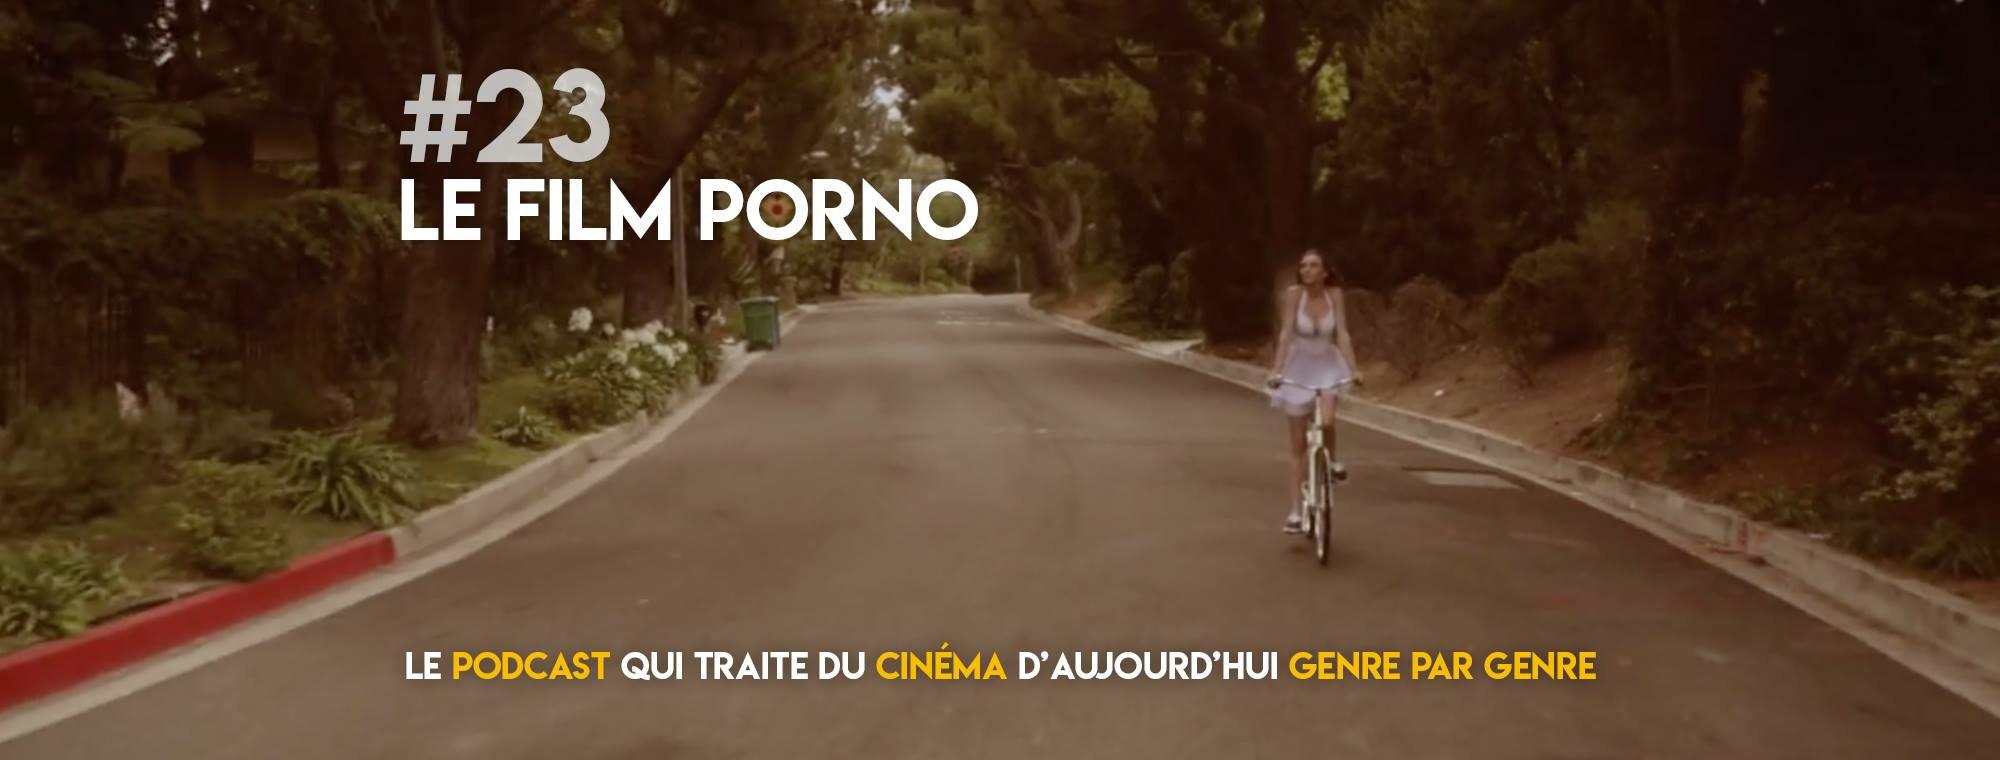 Parlons Péloches - #23 Le film porno